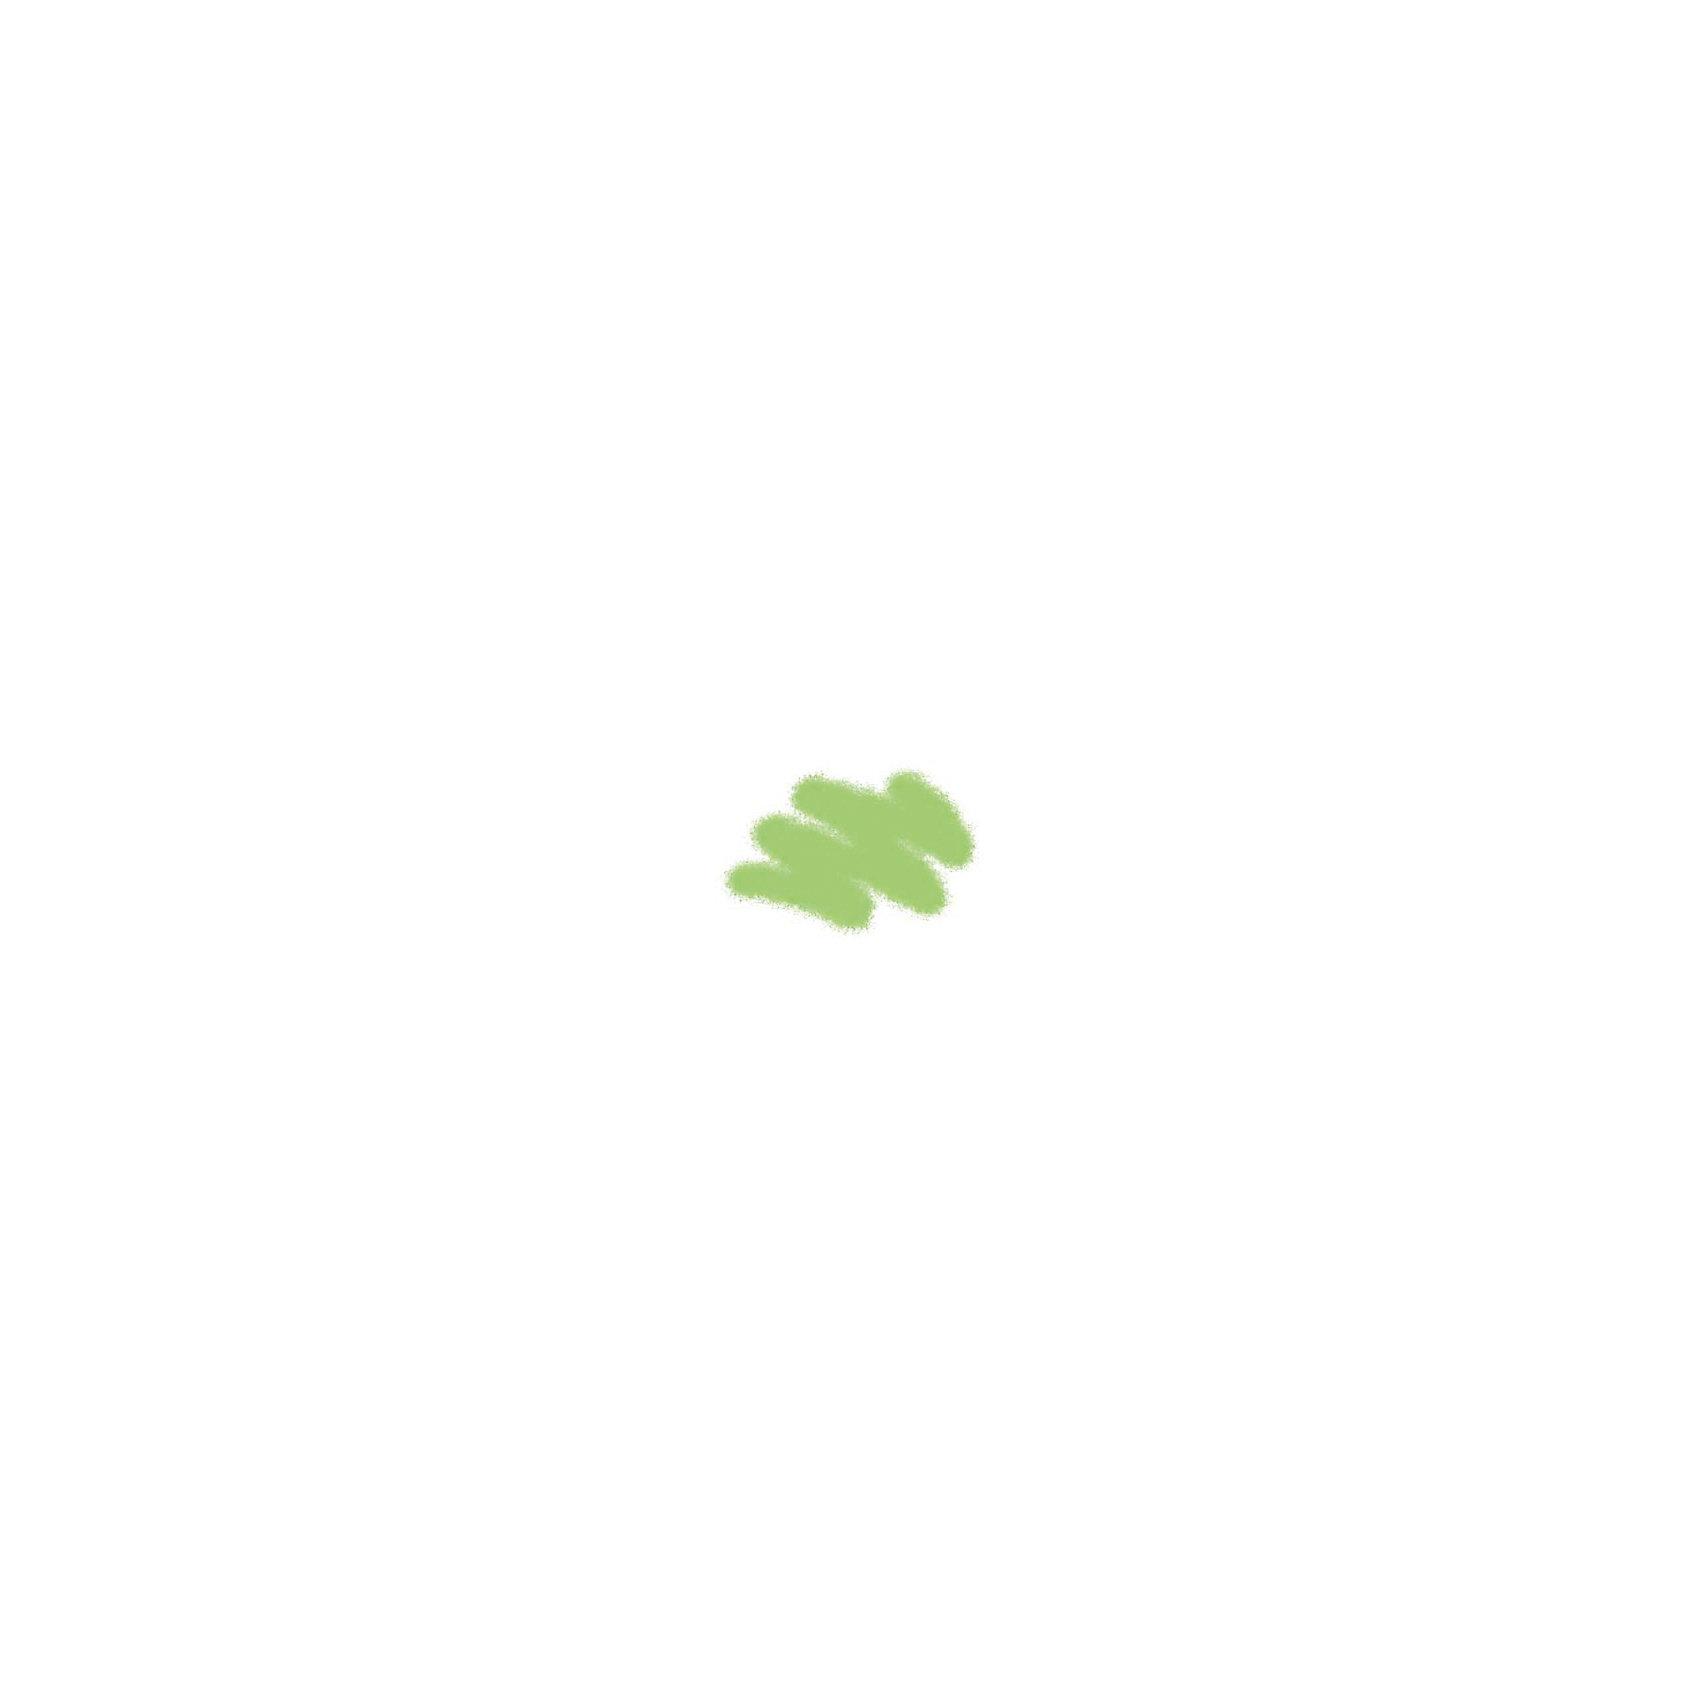 Акриловая краска для моделей Звезда, светло-зеленая 12 млМодели для склеивания<br>Краска светло-зеленая<br><br>Ширина мм: 26<br>Глубина мм: 26<br>Высота мм: 64<br>Вес г: 30<br>Возраст от месяцев: 72<br>Возраст до месяцев: 180<br>Пол: Мужской<br>Возраст: Детский<br>SKU: 7086622